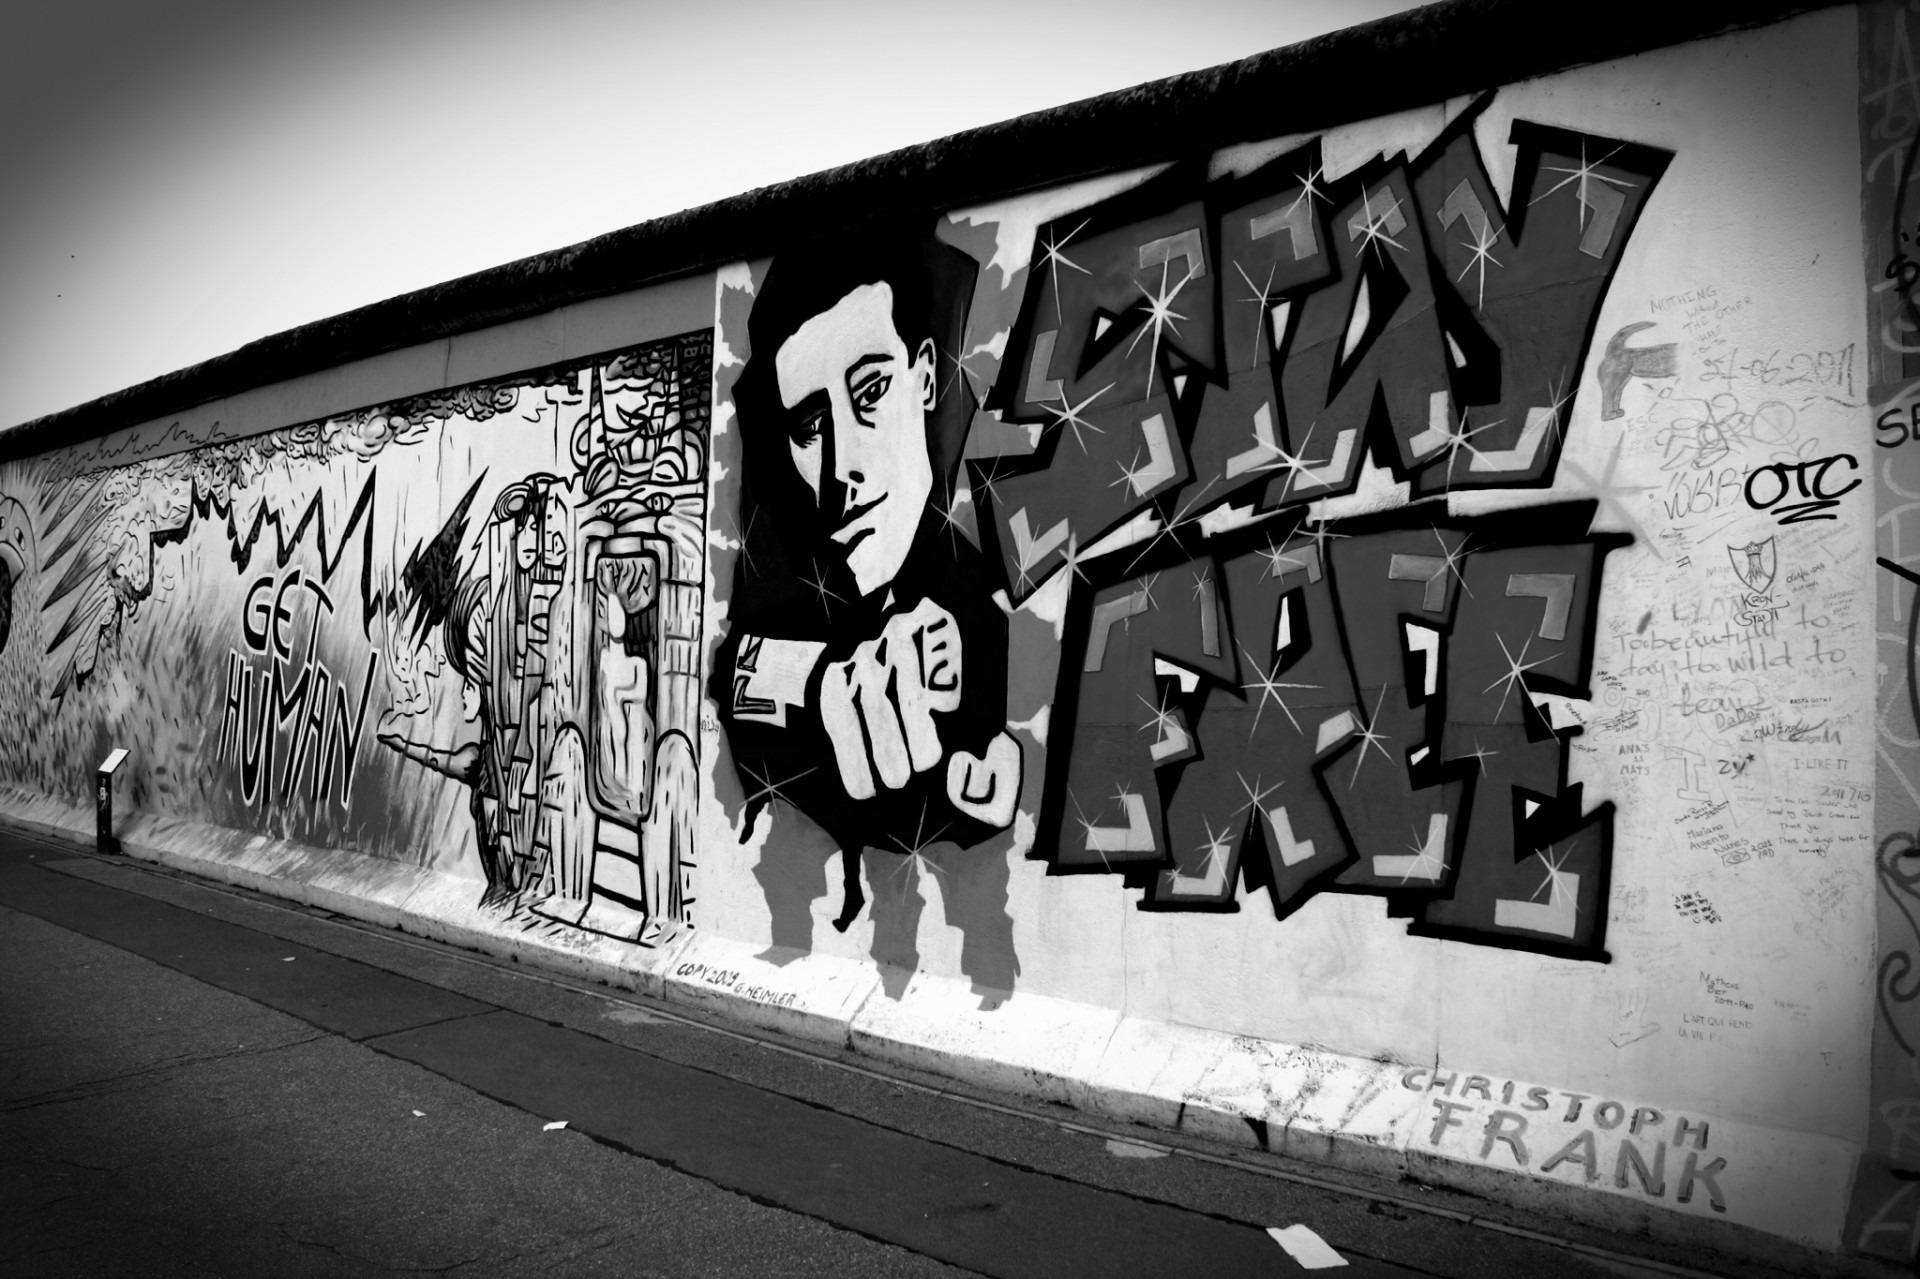 певица актриса фотографии граффити черно белые фильма молодость контрастирует